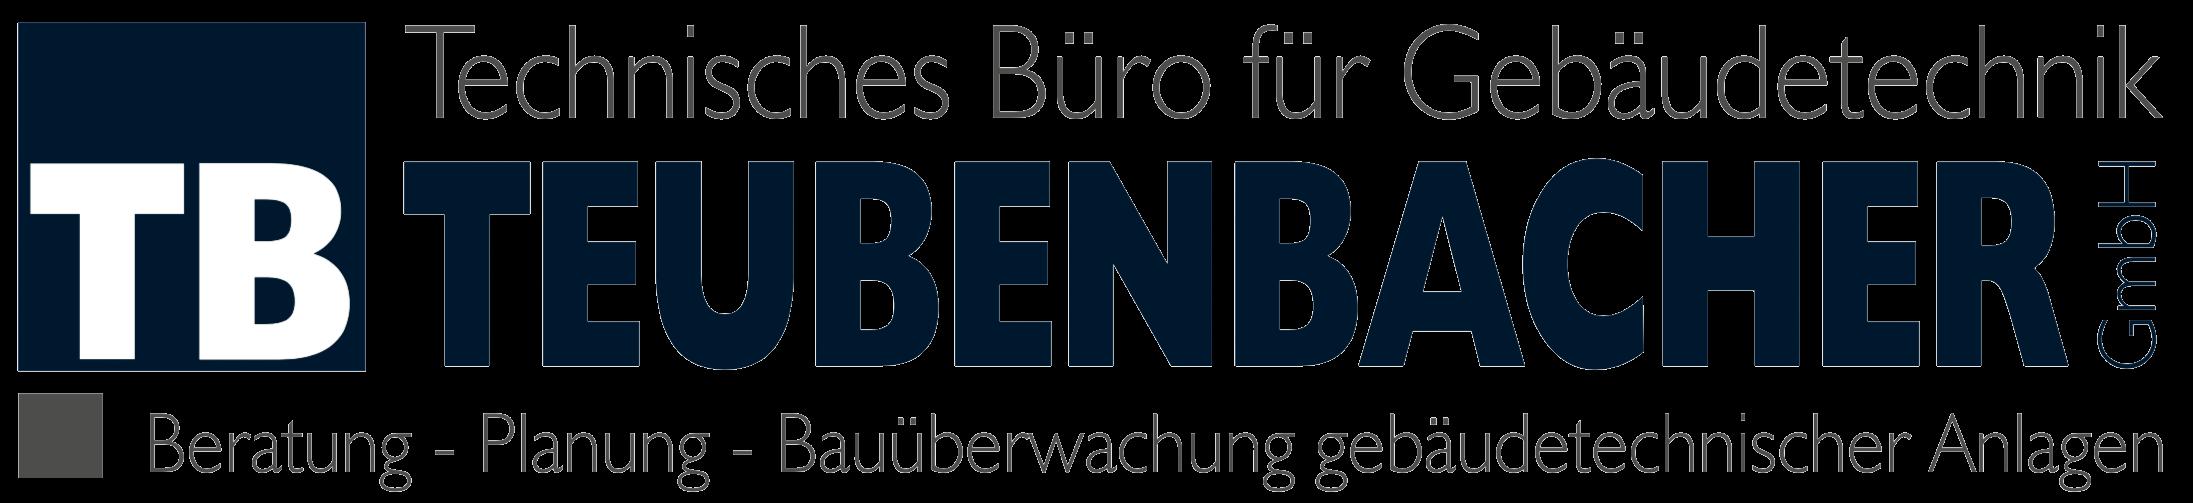 TB Teubenbacher GmbH | TB Teubenbacher GmbH aus Salzburg, Technisches Büro für Gebäudetechnik,Beratung-,Planung-,Bauüberwachung gebäudetechnischer Anlagen,Heizung,Klima,Wärme,alternativ Energien,Brandschutz,Löschanlagen